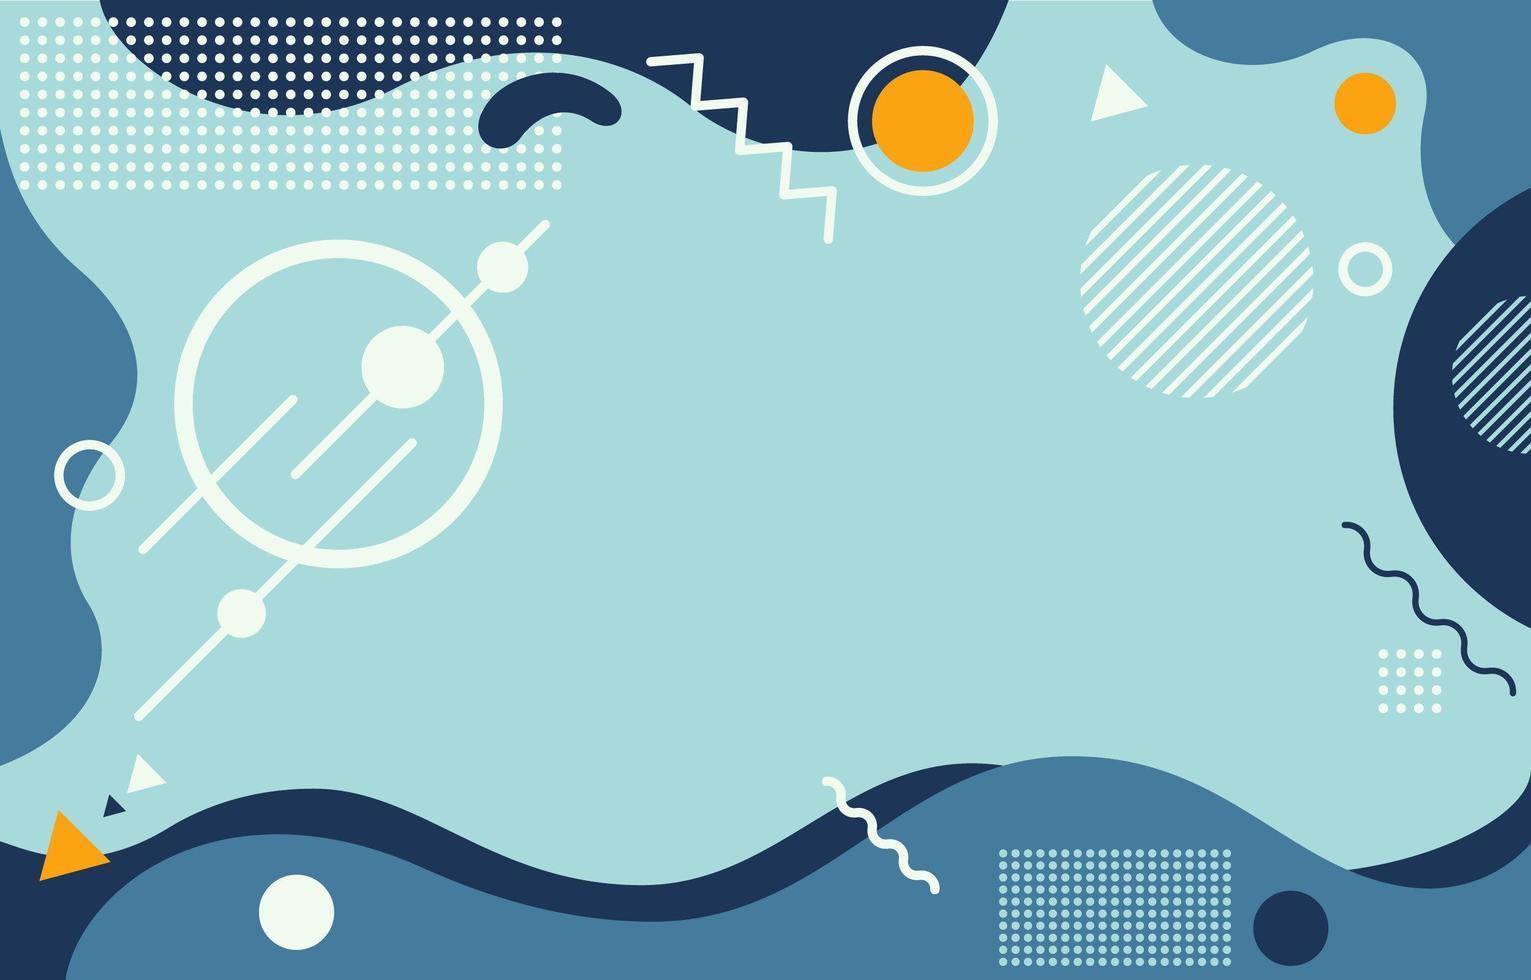 abstrakter Hintergrund mit blauer Welle und orangeem Akzent vektor